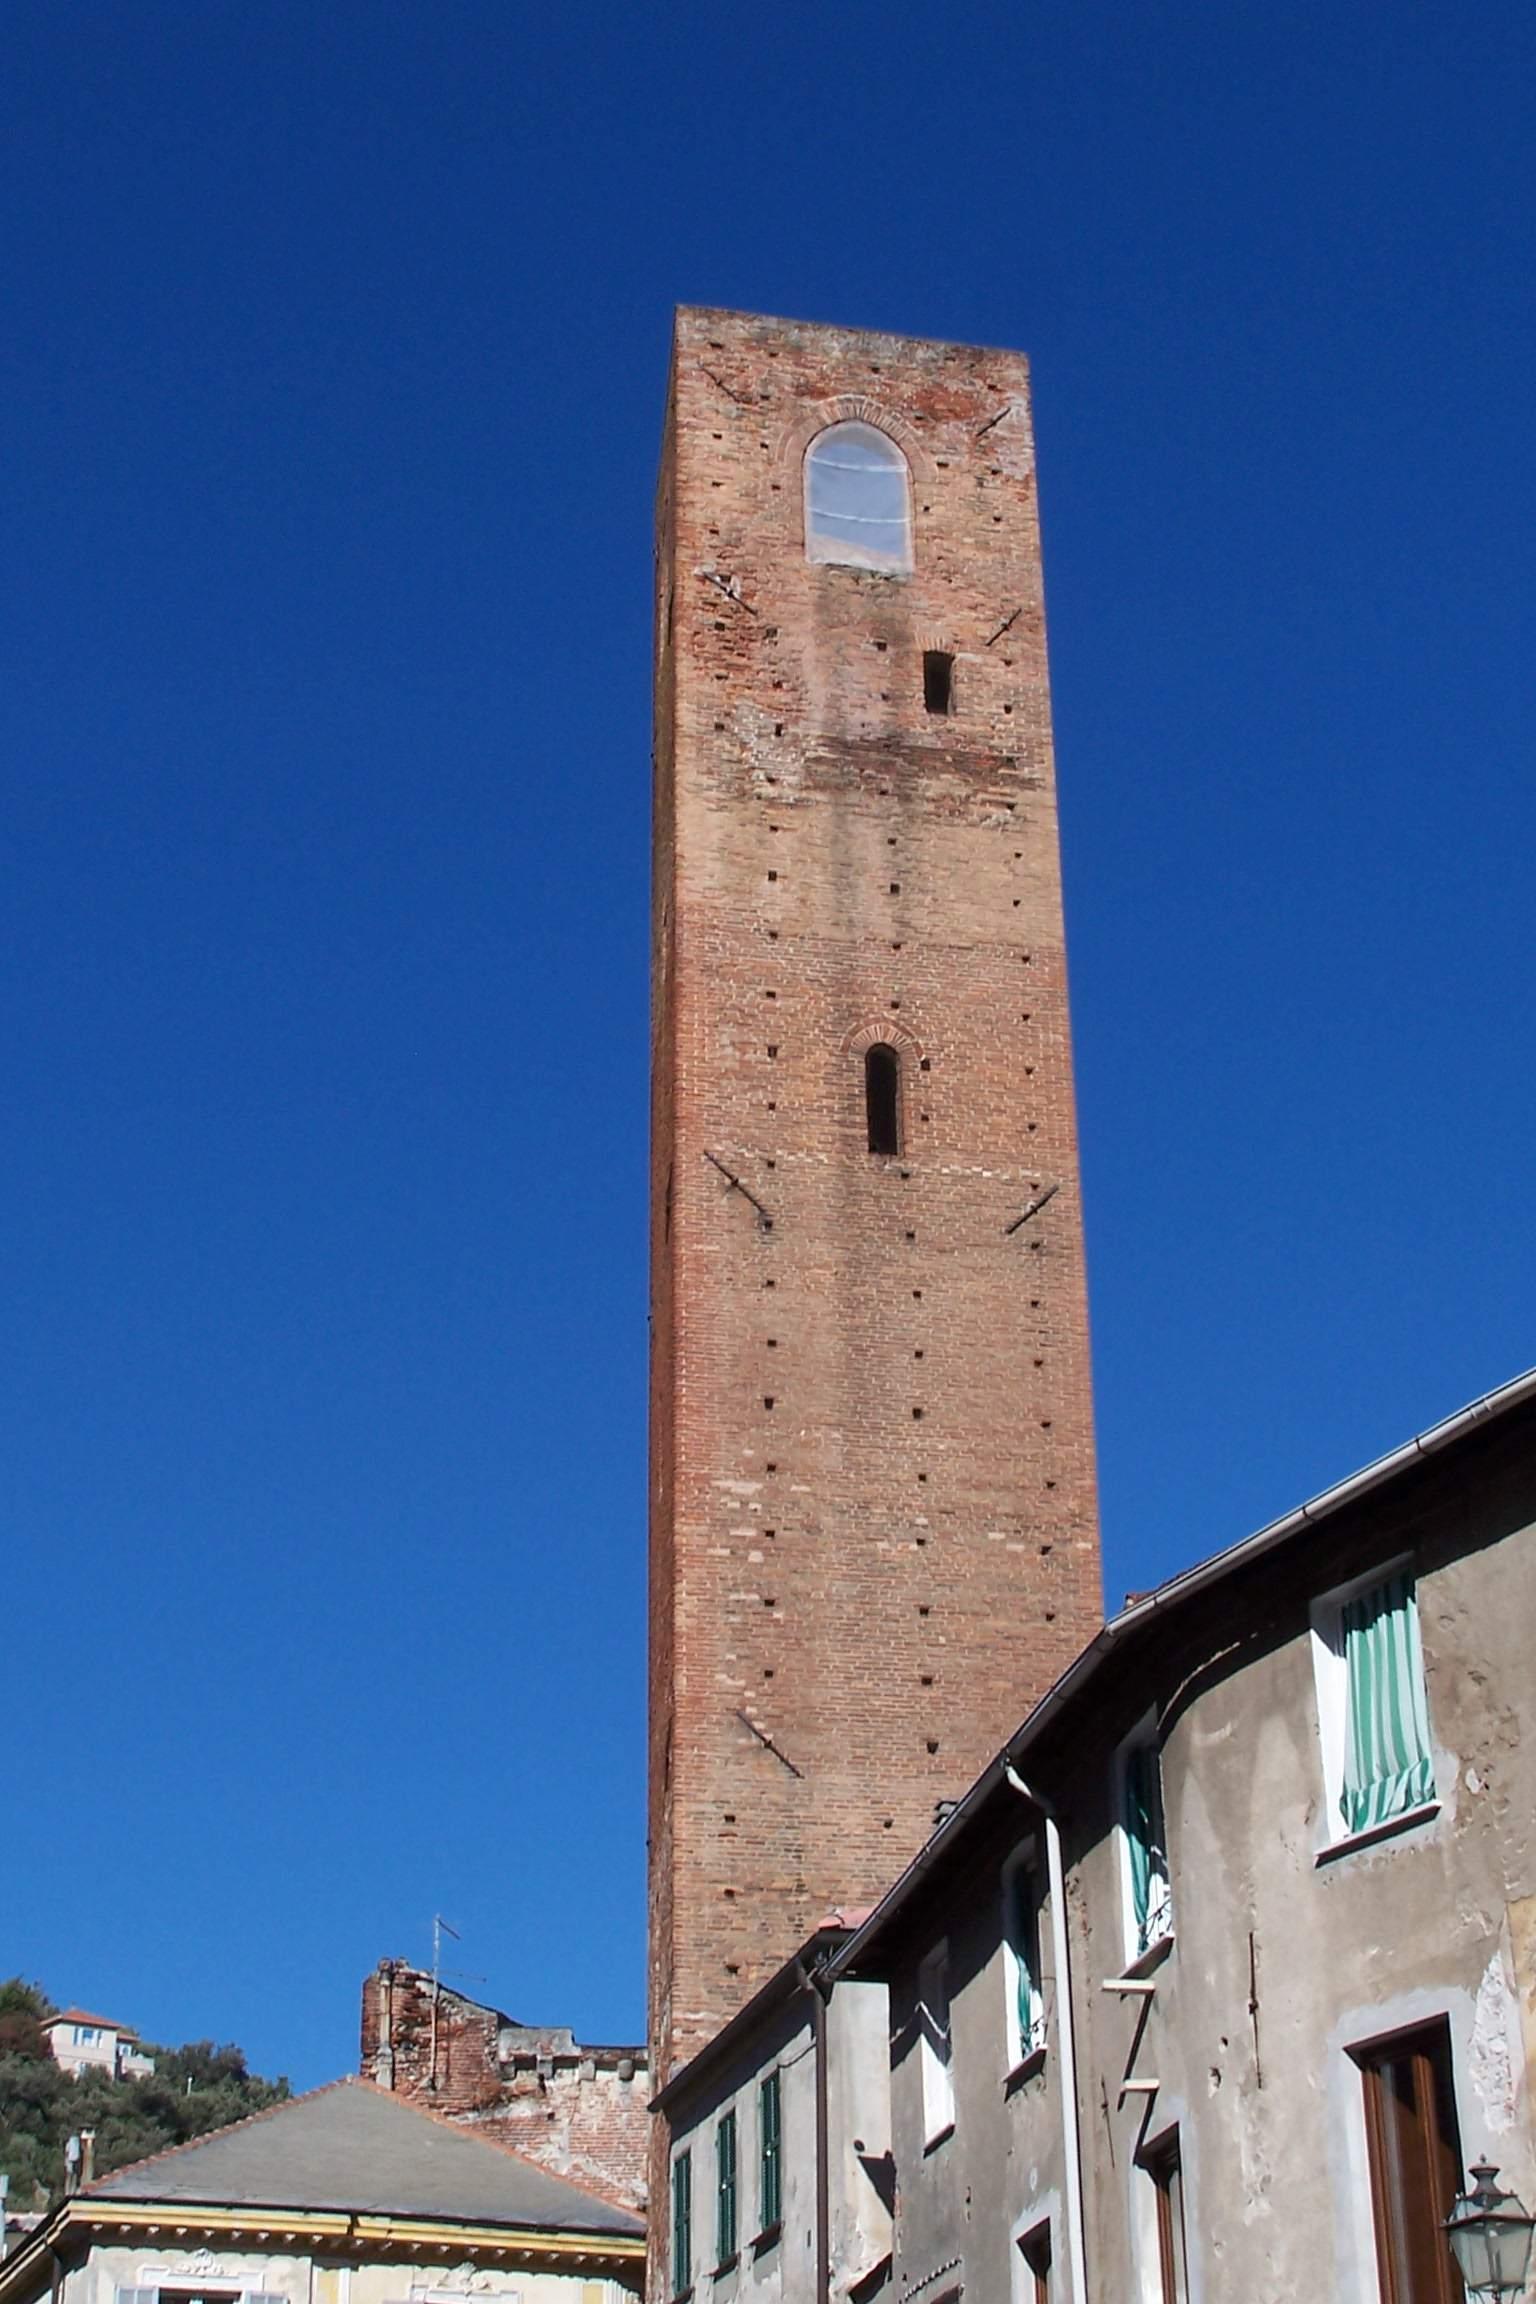 Panoramica della torre vista da terra